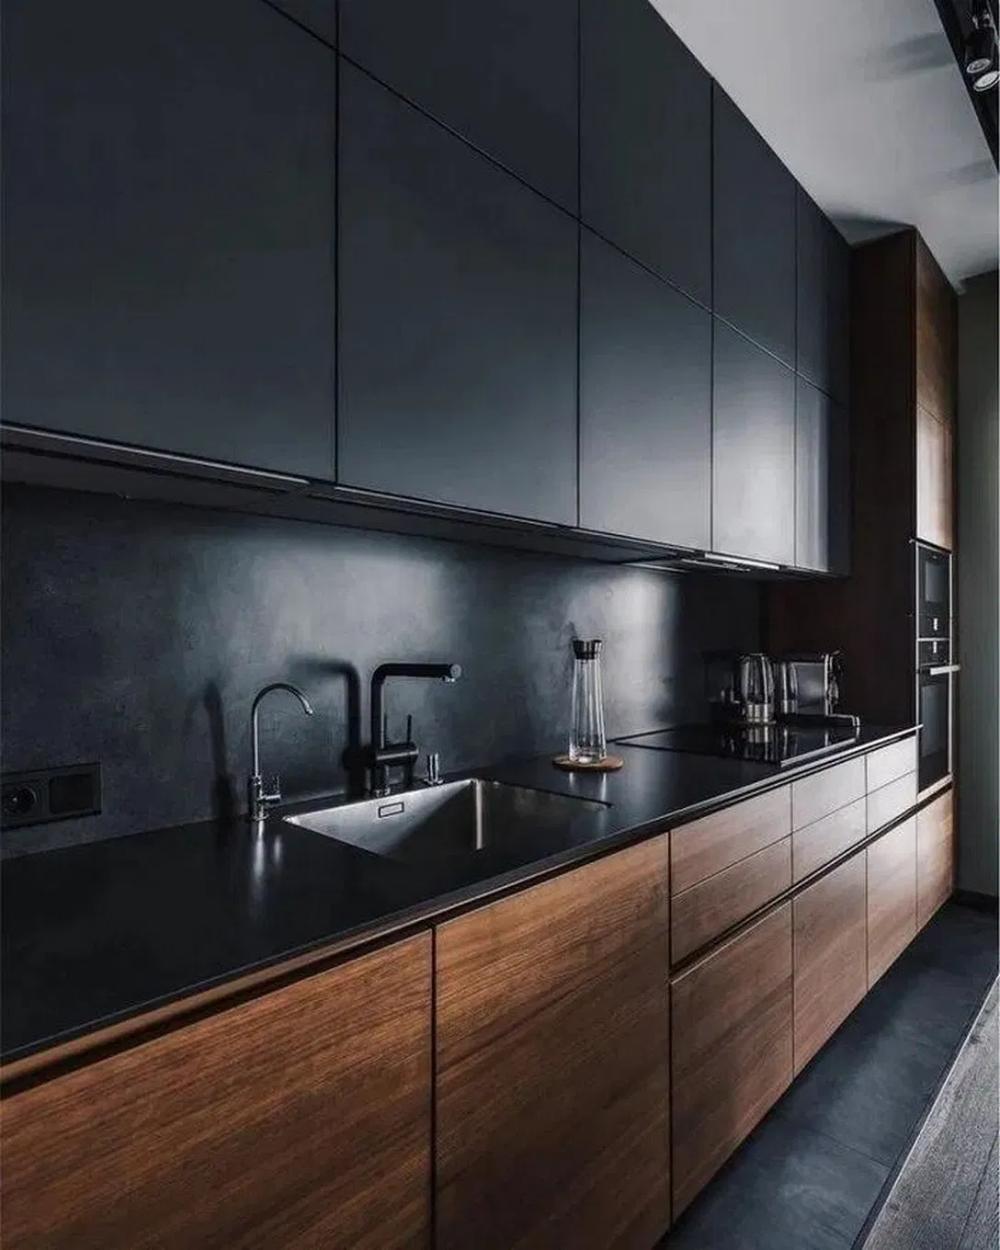 50 amazing black kitchen design ideas 2020 in 2020